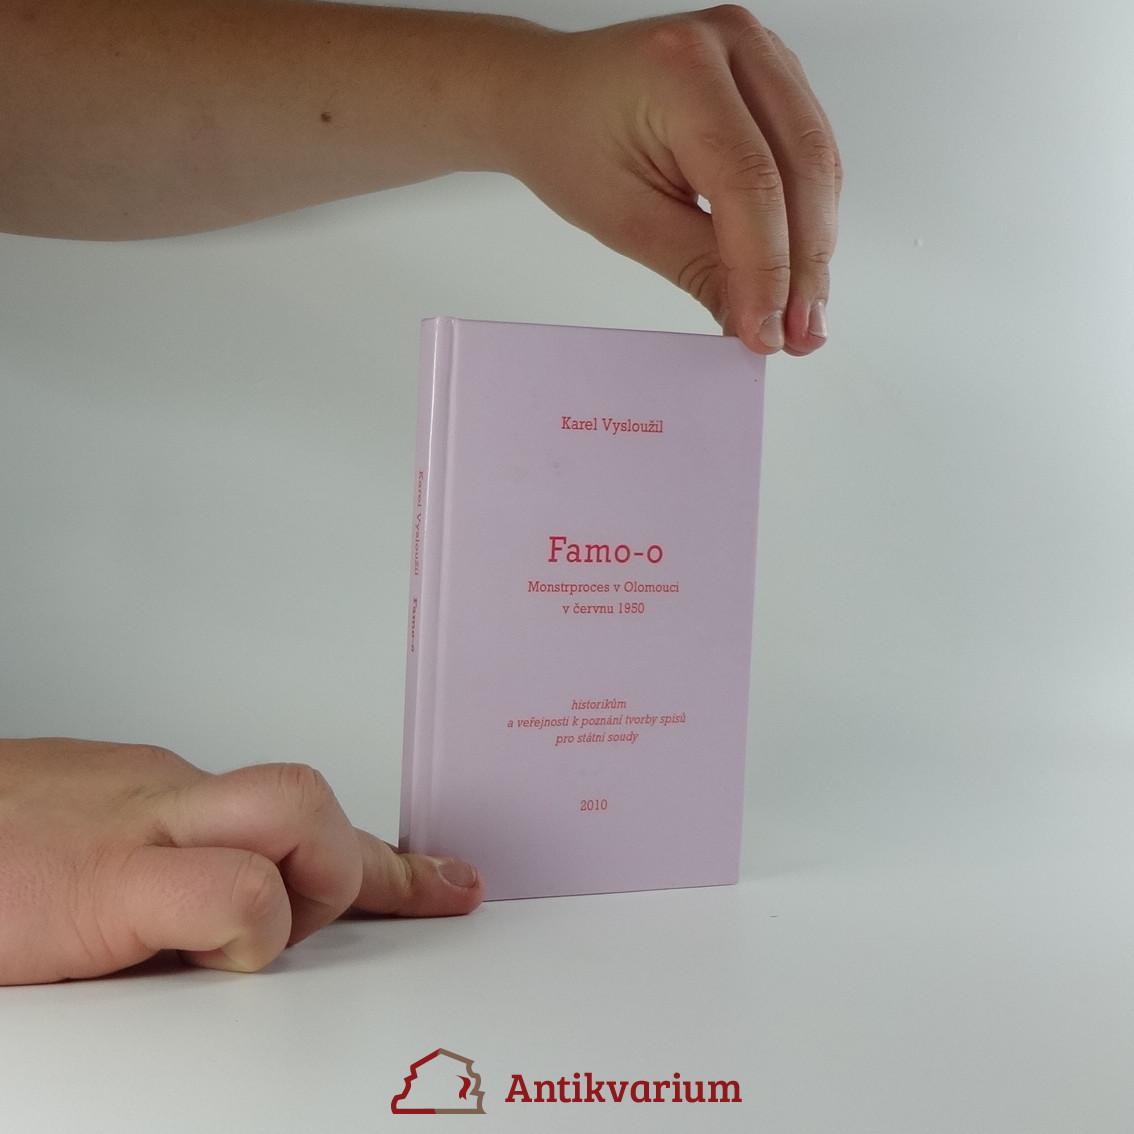 antikvární kniha Famo-o : monstrproces v Olomouci v červnu 1950, 2010